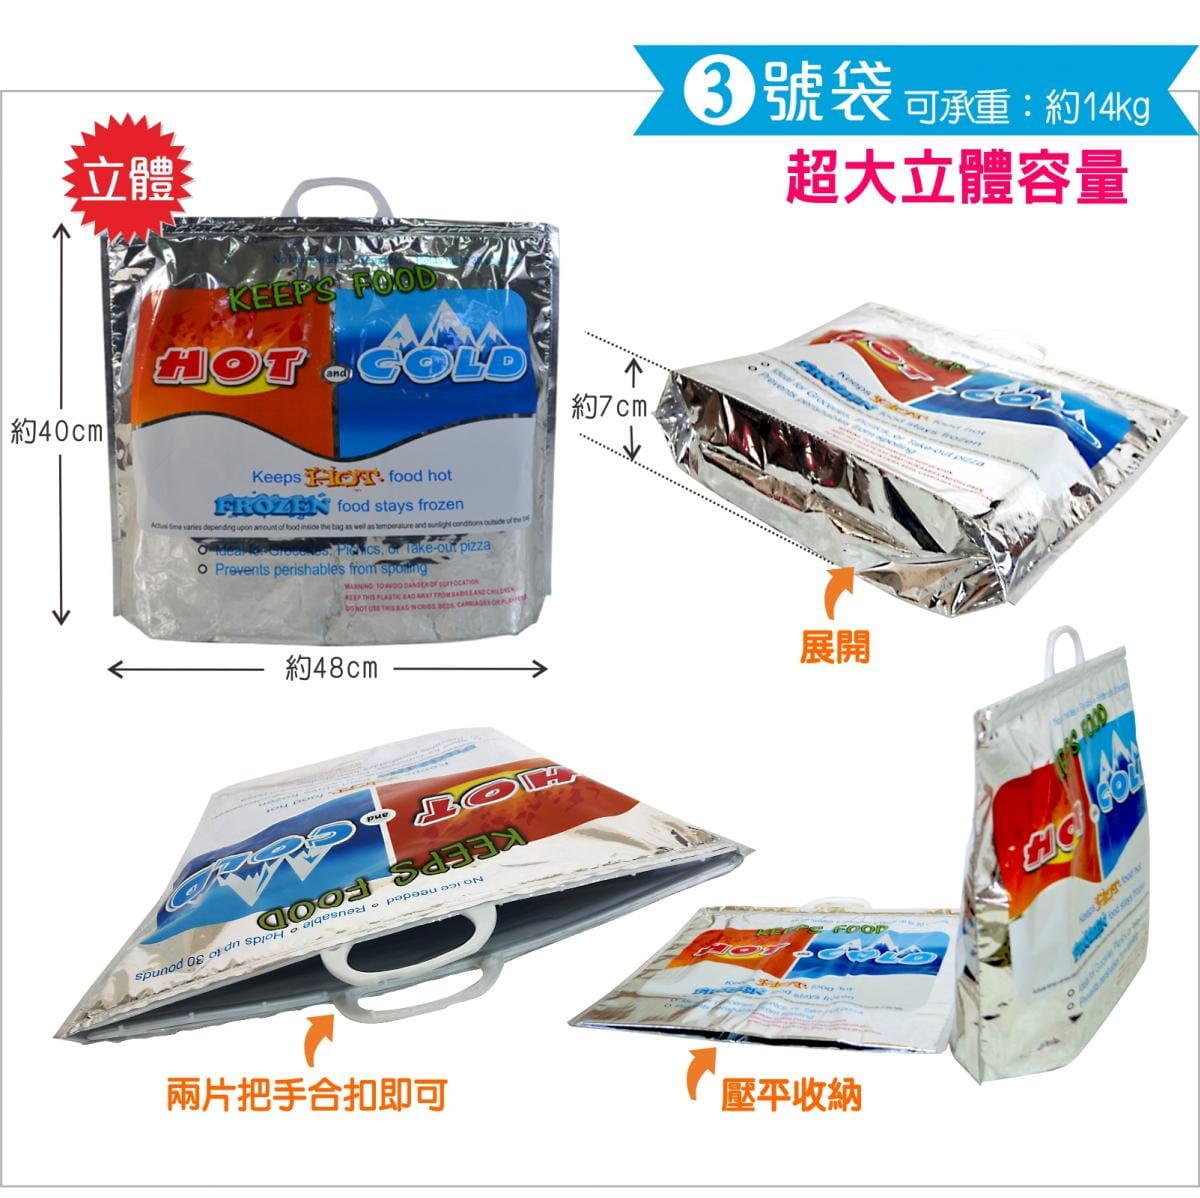 防滲漏保冰溫袋/每組3個 4